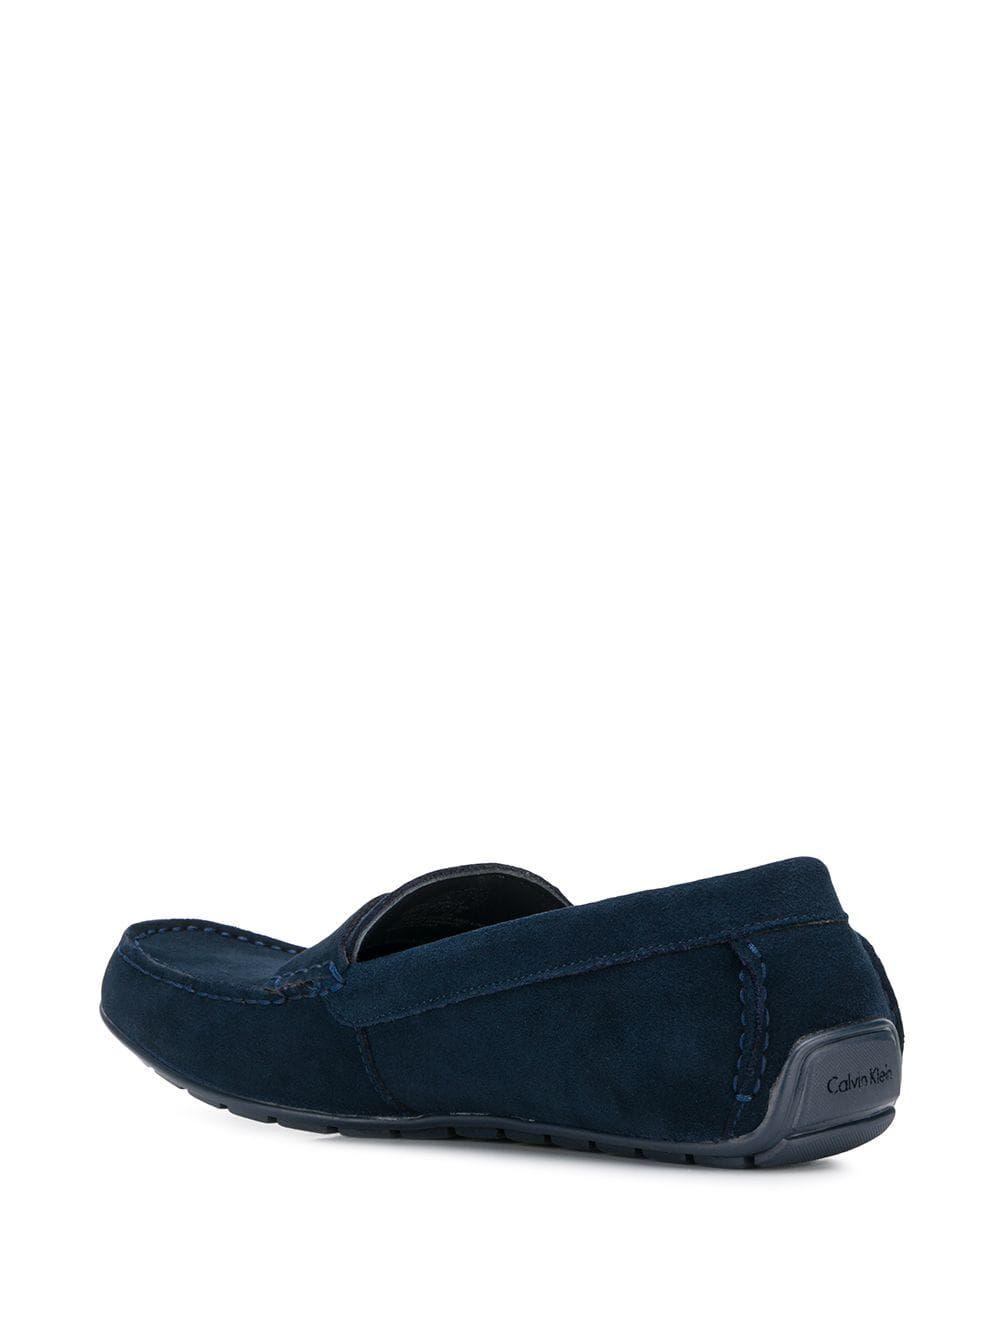 nuevo producto 5d760 fffe4 Calvin Klein Jeans Mocasines Con Logo   zapatos hombre en ...